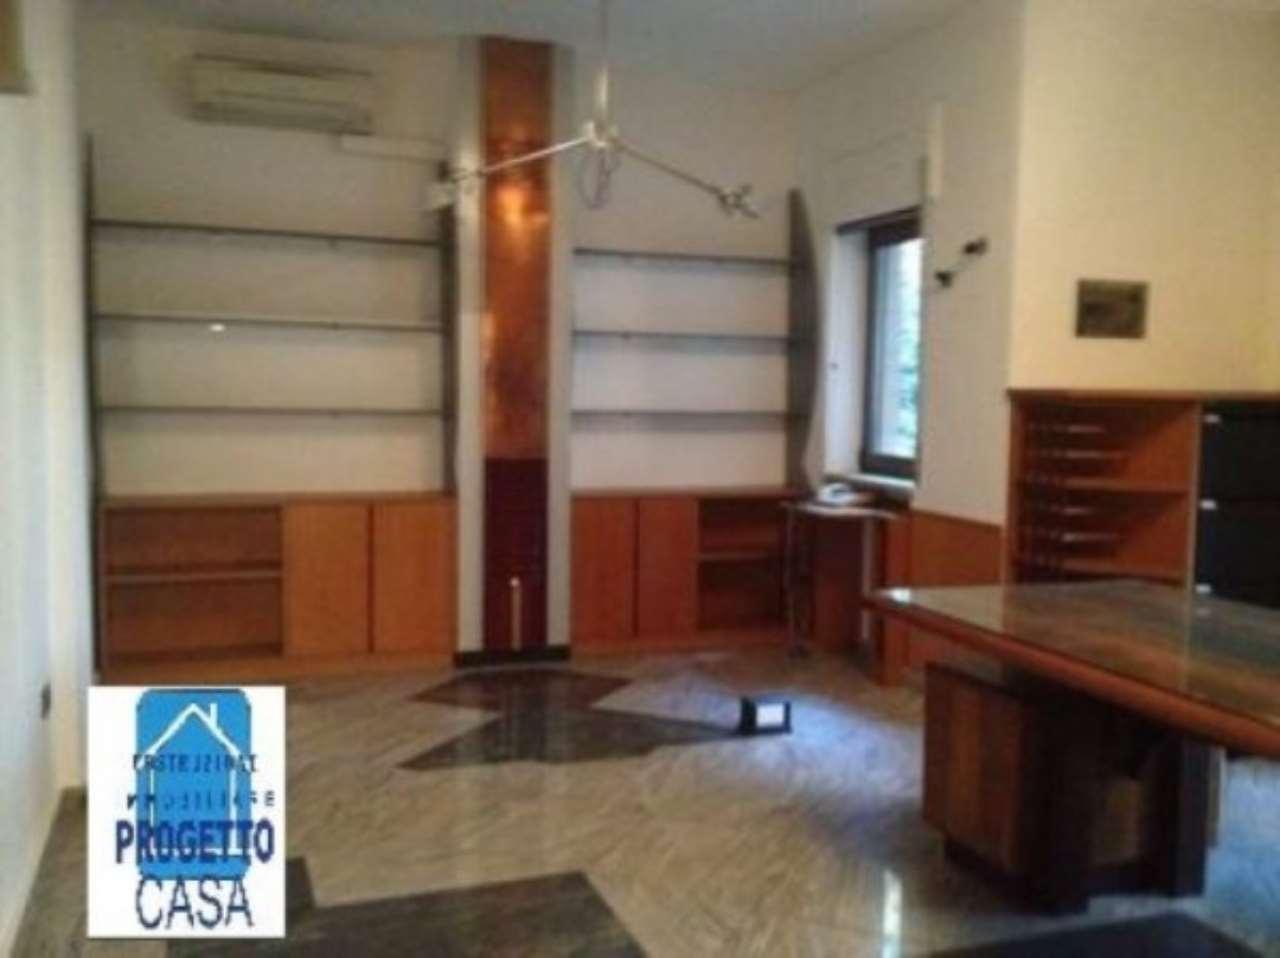 Attico / Mansarda in vendita a Nola, 3 locali, prezzo € 165.000   Cambio Casa.it